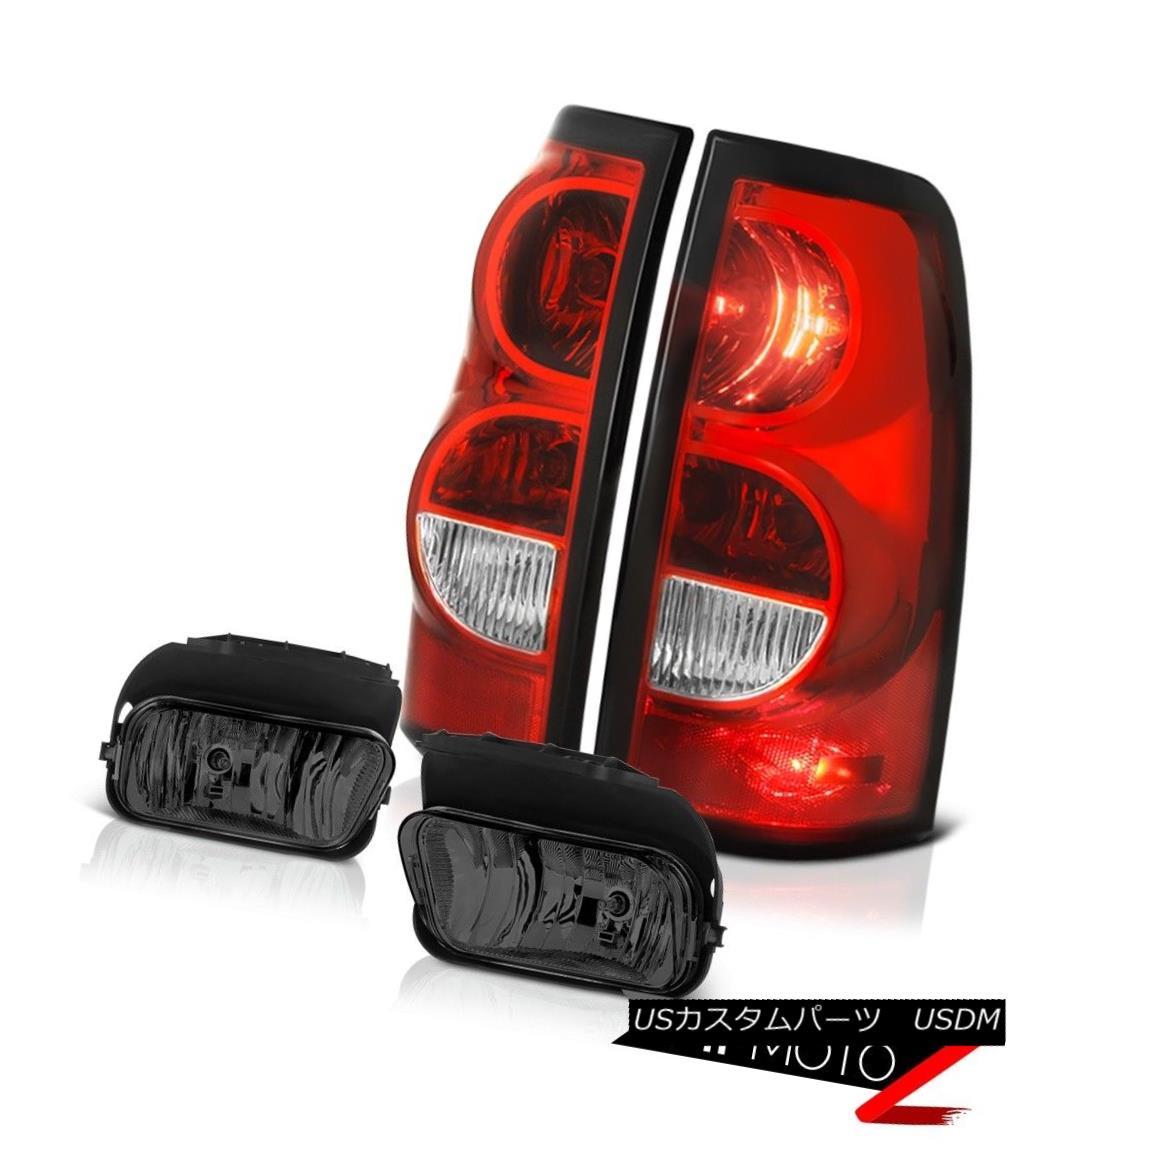 テールライト 03-06 Chevy Silverado Foglamps Red Clear Taillights Crystal Lens Factory Style 03-06 Chevy Silverado Foglampsレッドクリアテールライトクリスタルレンズファクトリースタイル